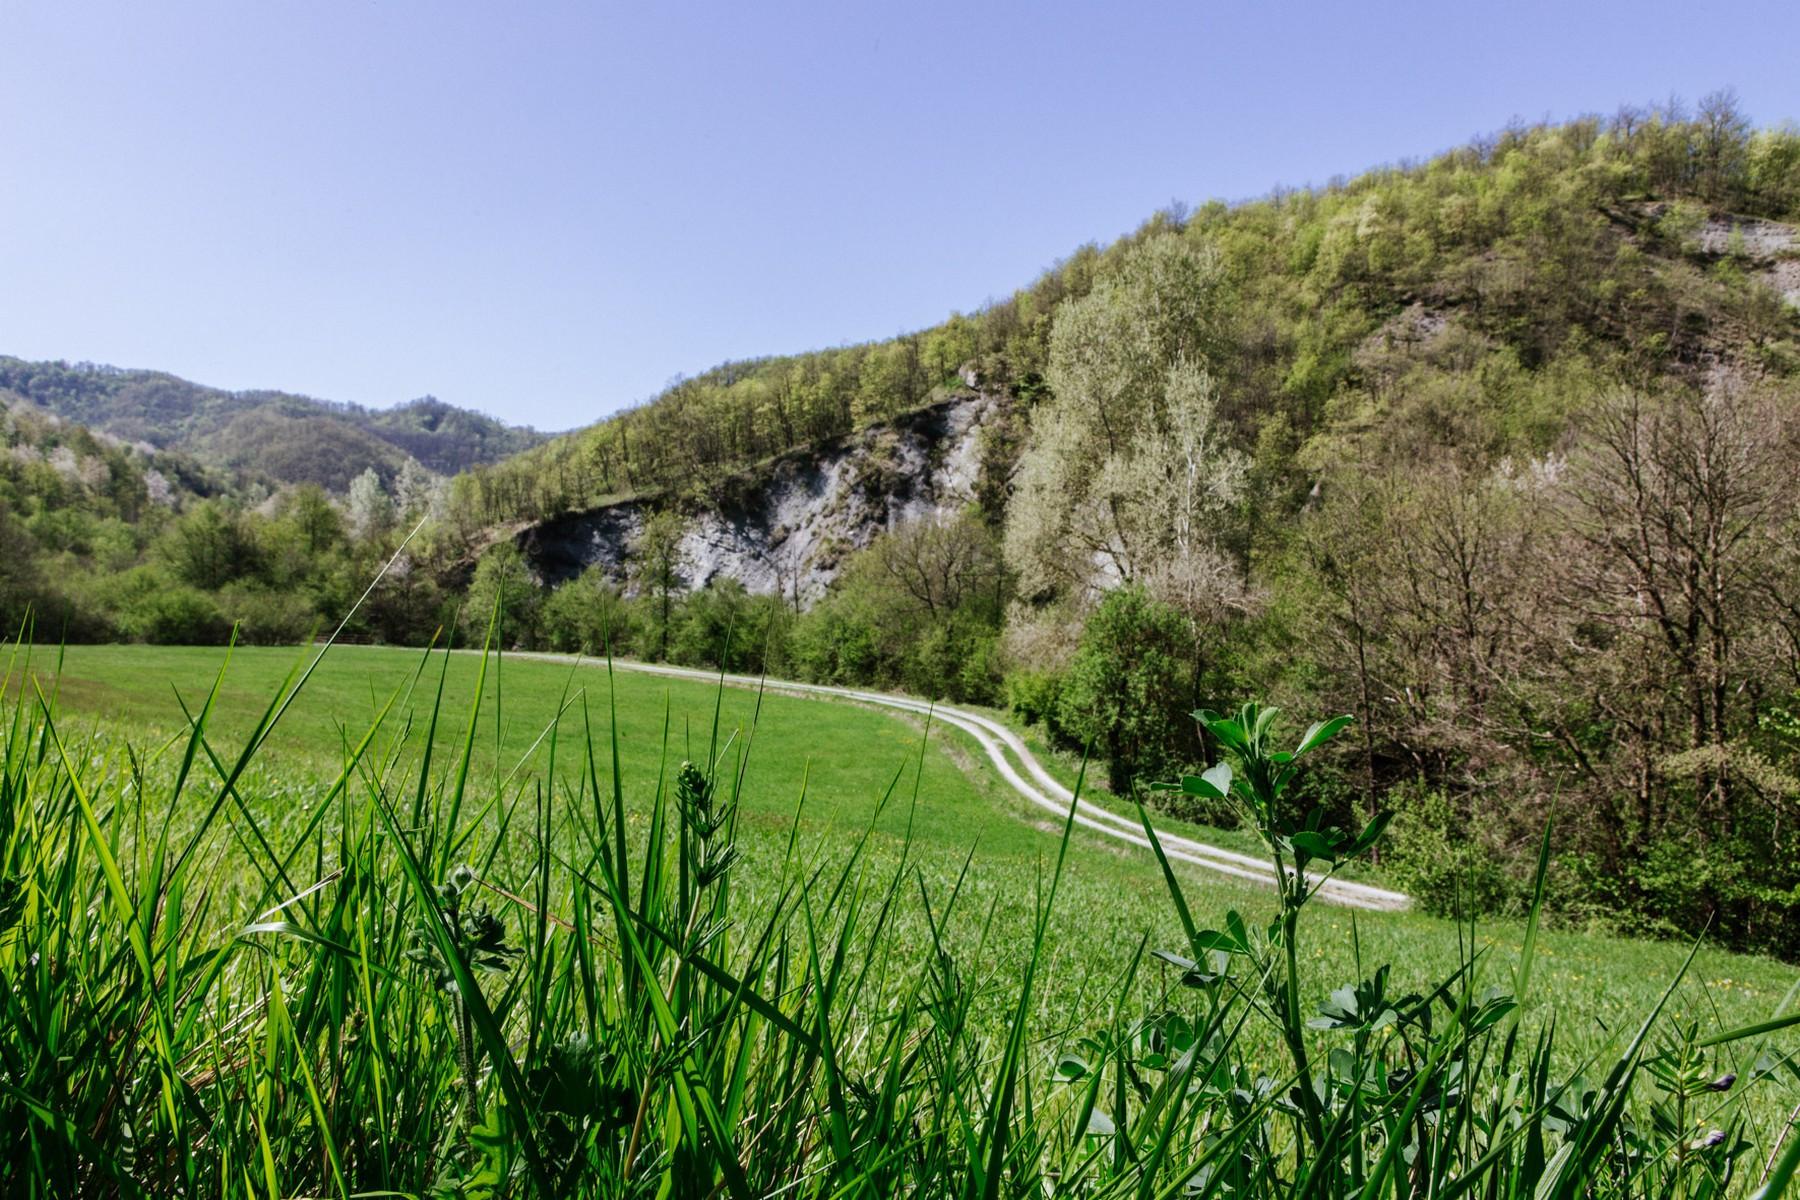 Rustico in Vendita a Malvicino: 5 locali, 320 mq - Foto 21